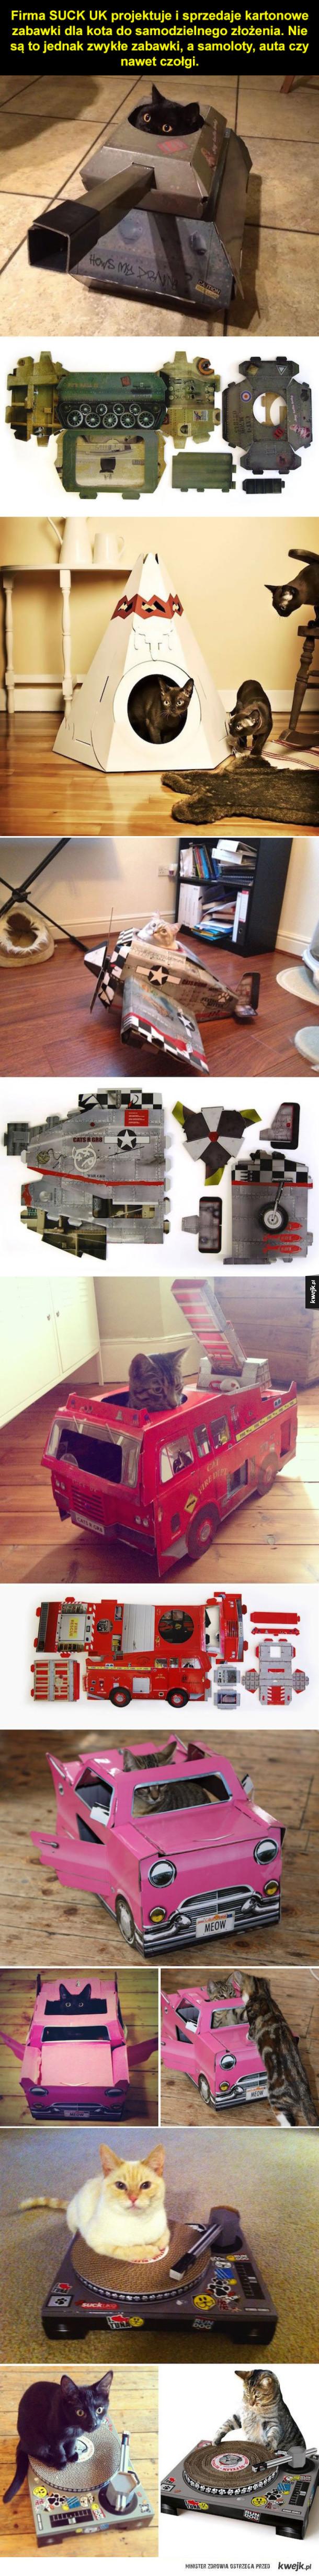 Nareszcie czołg dla kota